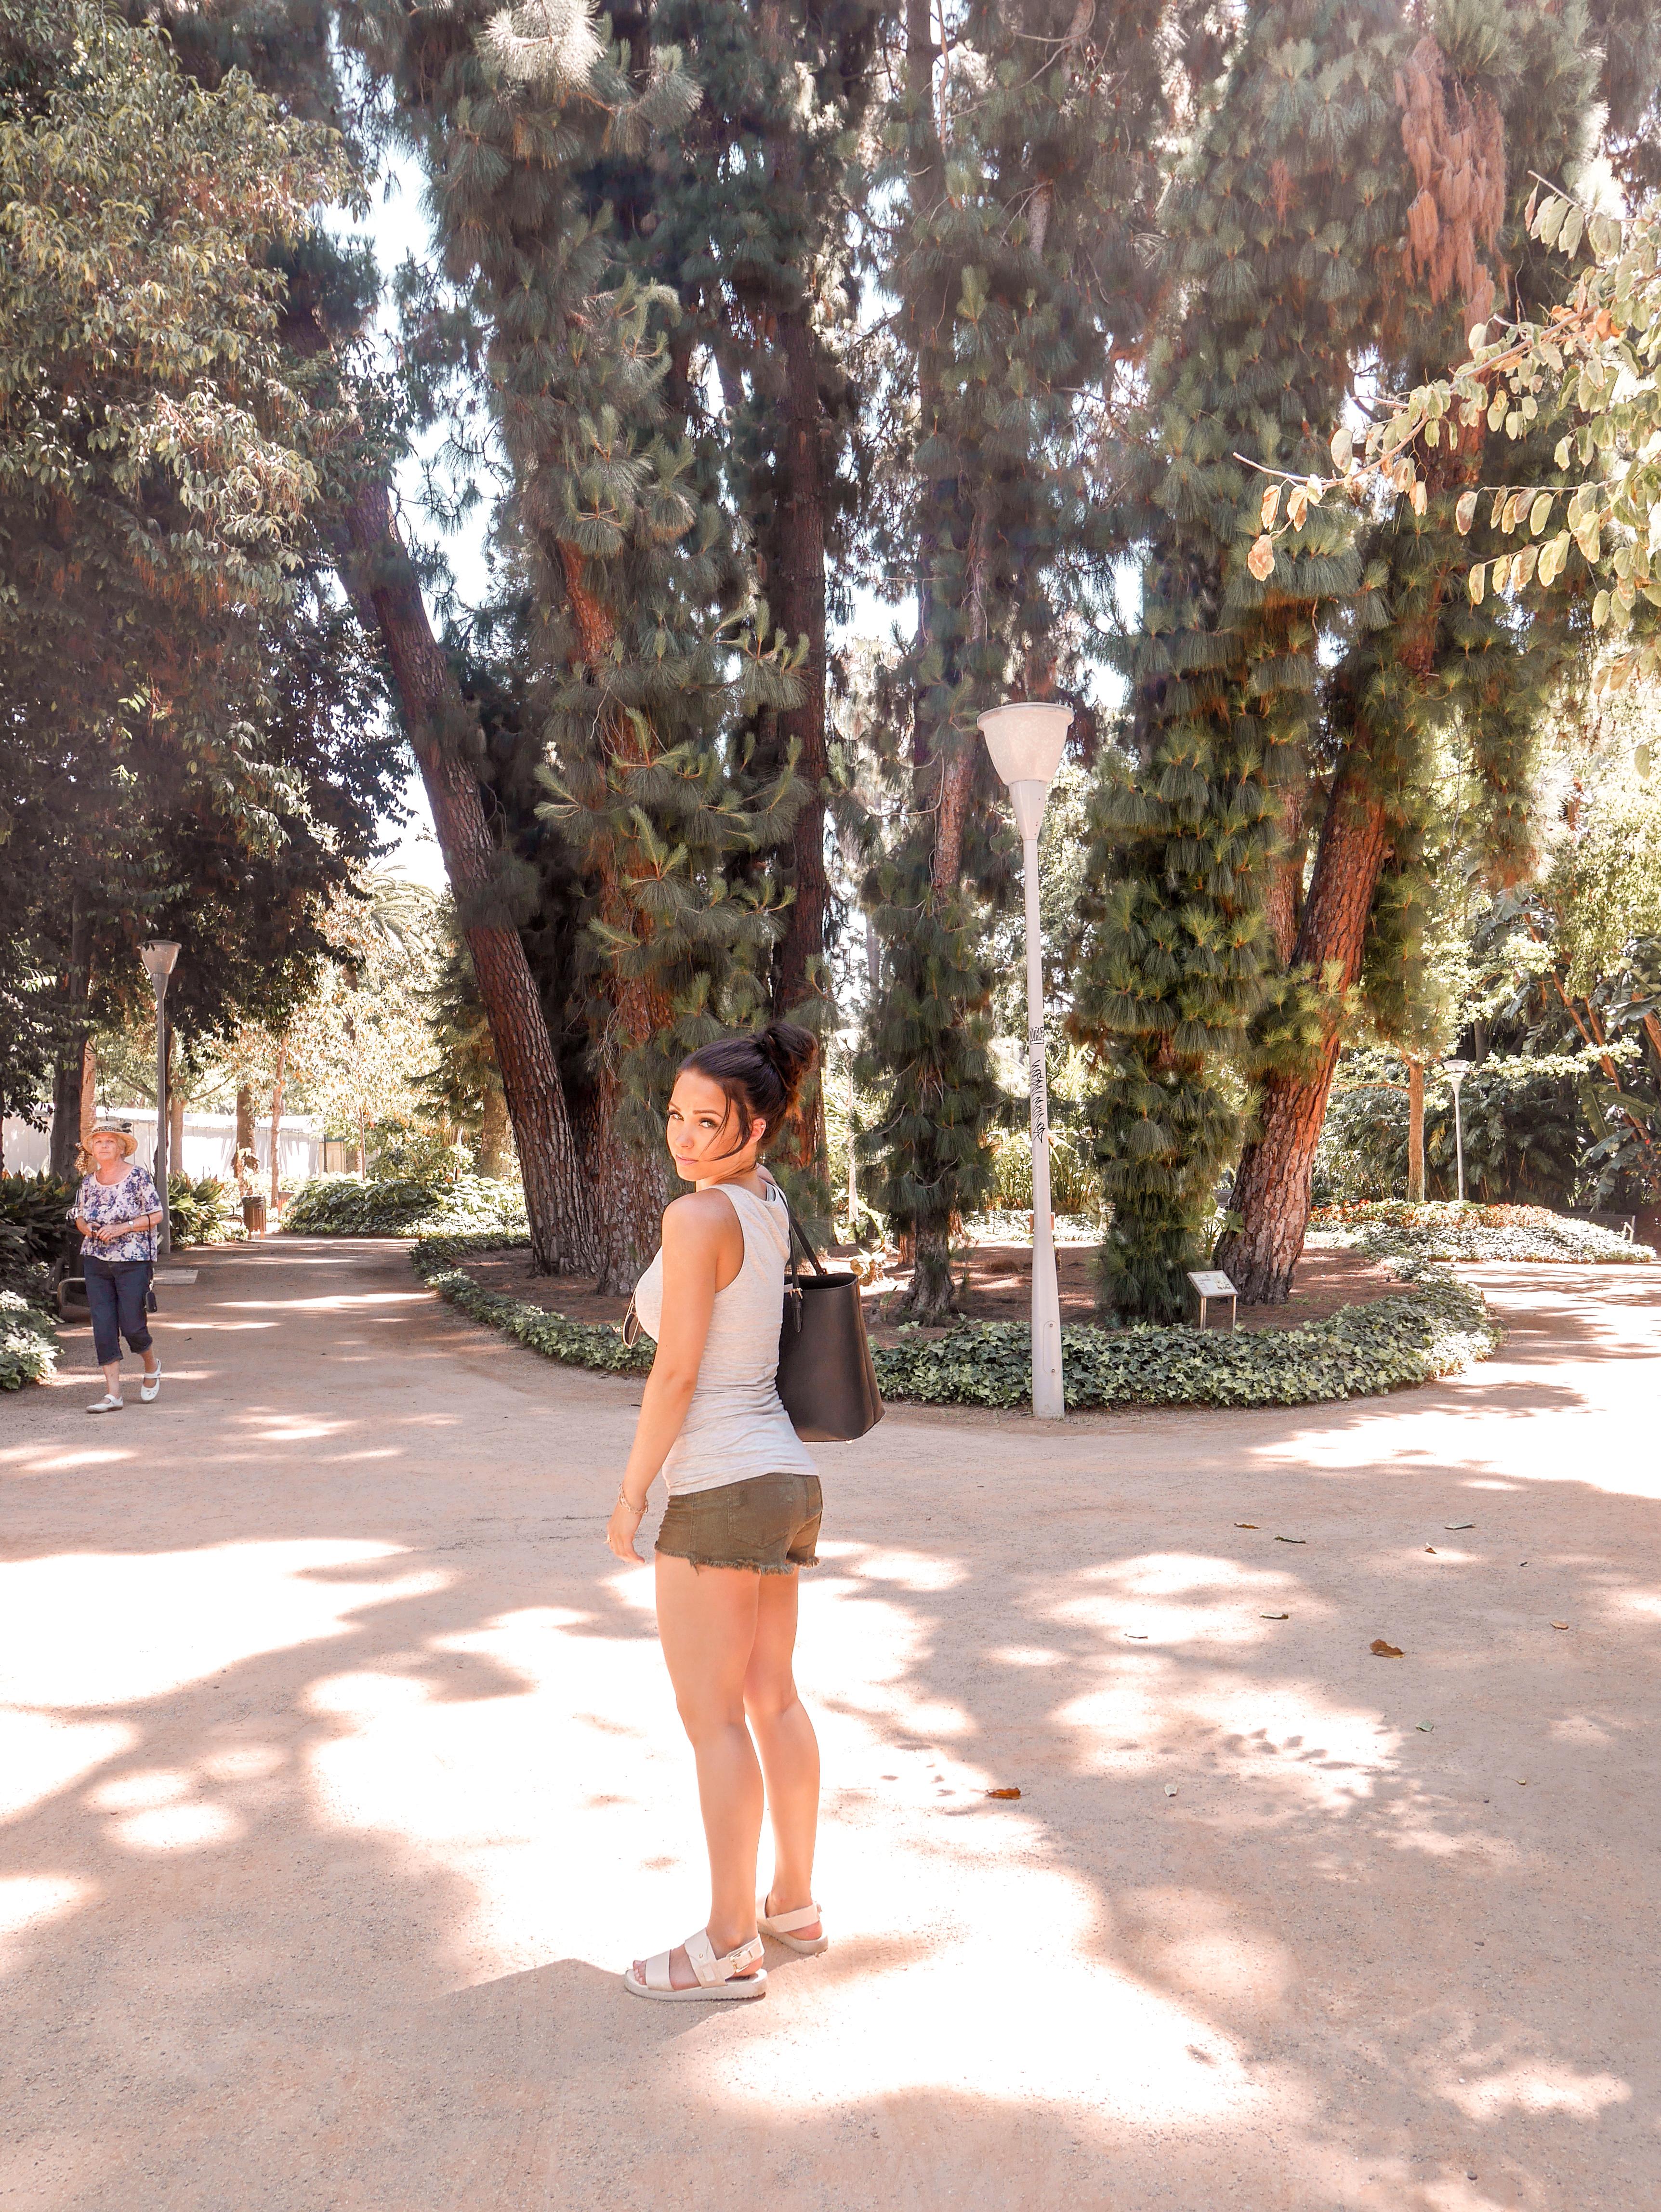 Parque de Malaga -puisto